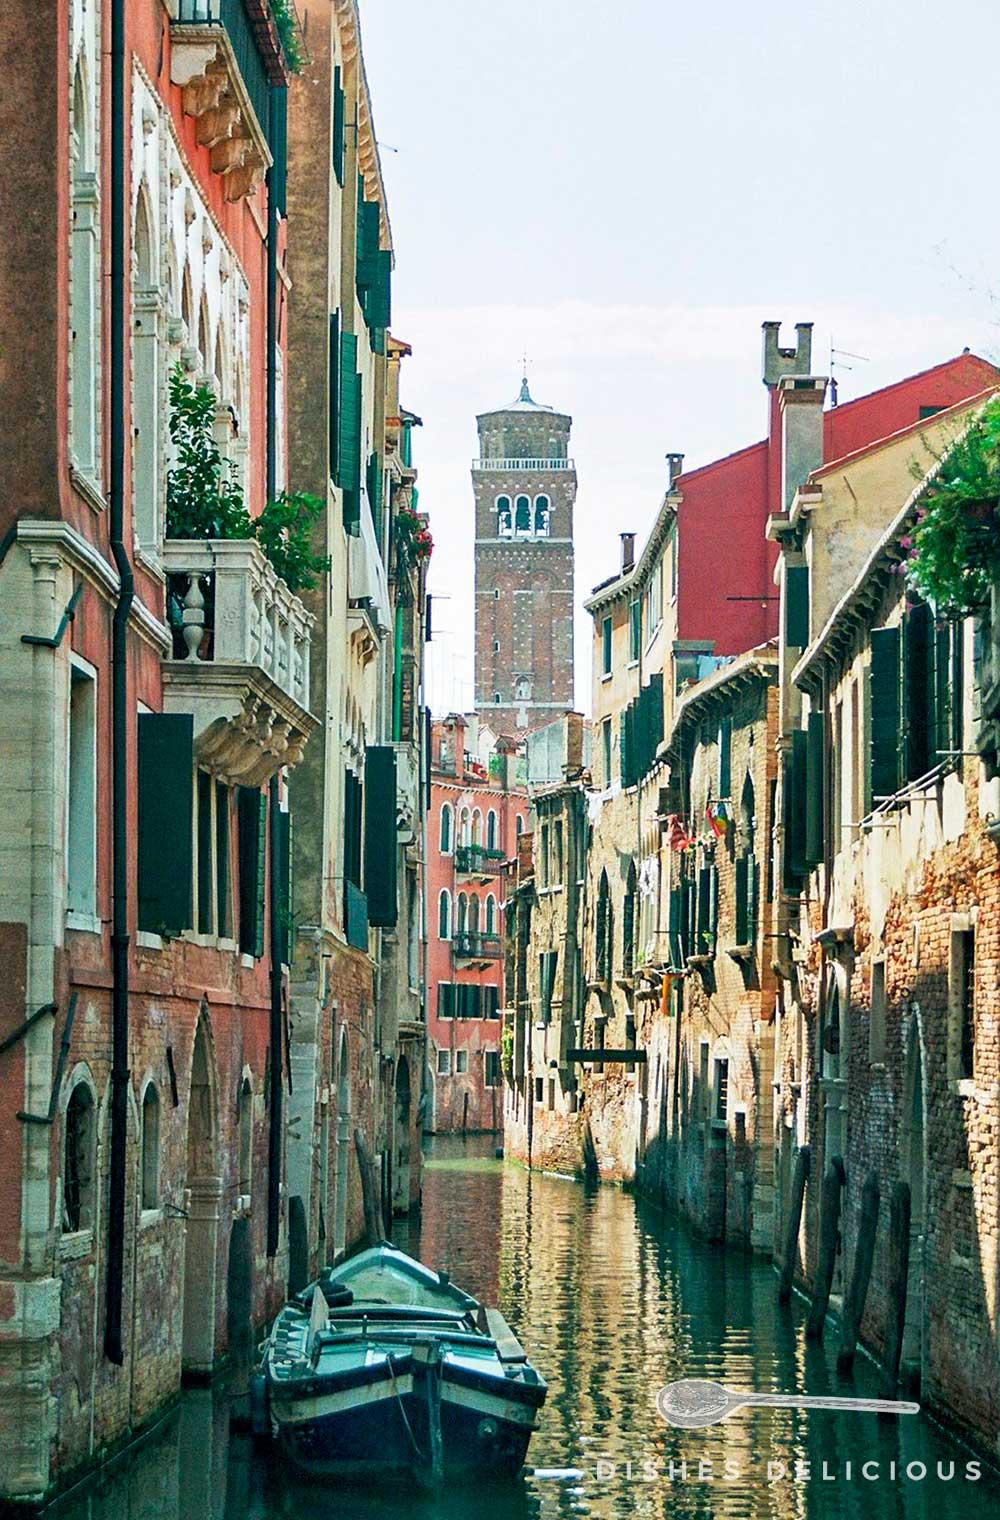 Ein Kanal in Venedig, in dem ein Boot ankert.